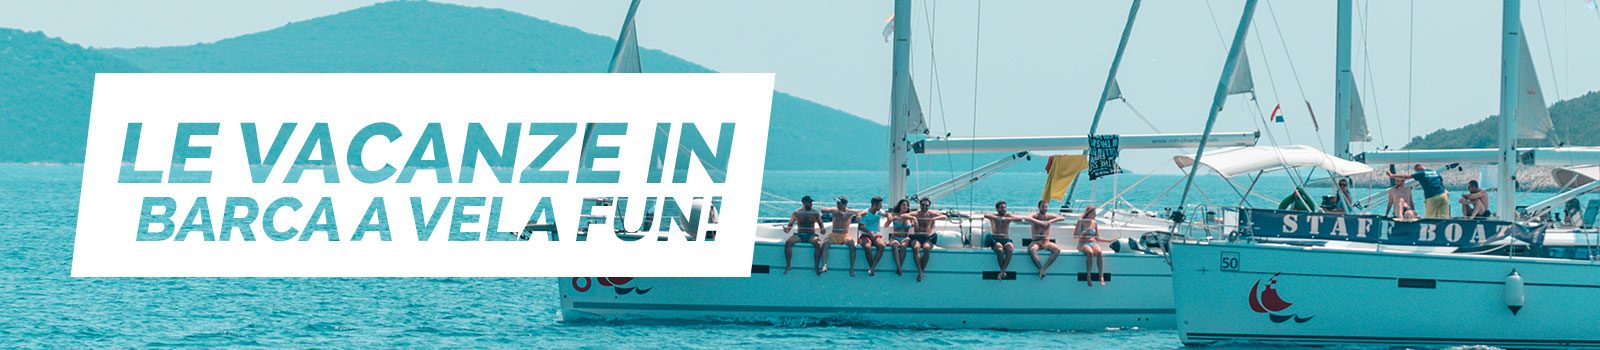 b1-barca-vela-vacanze